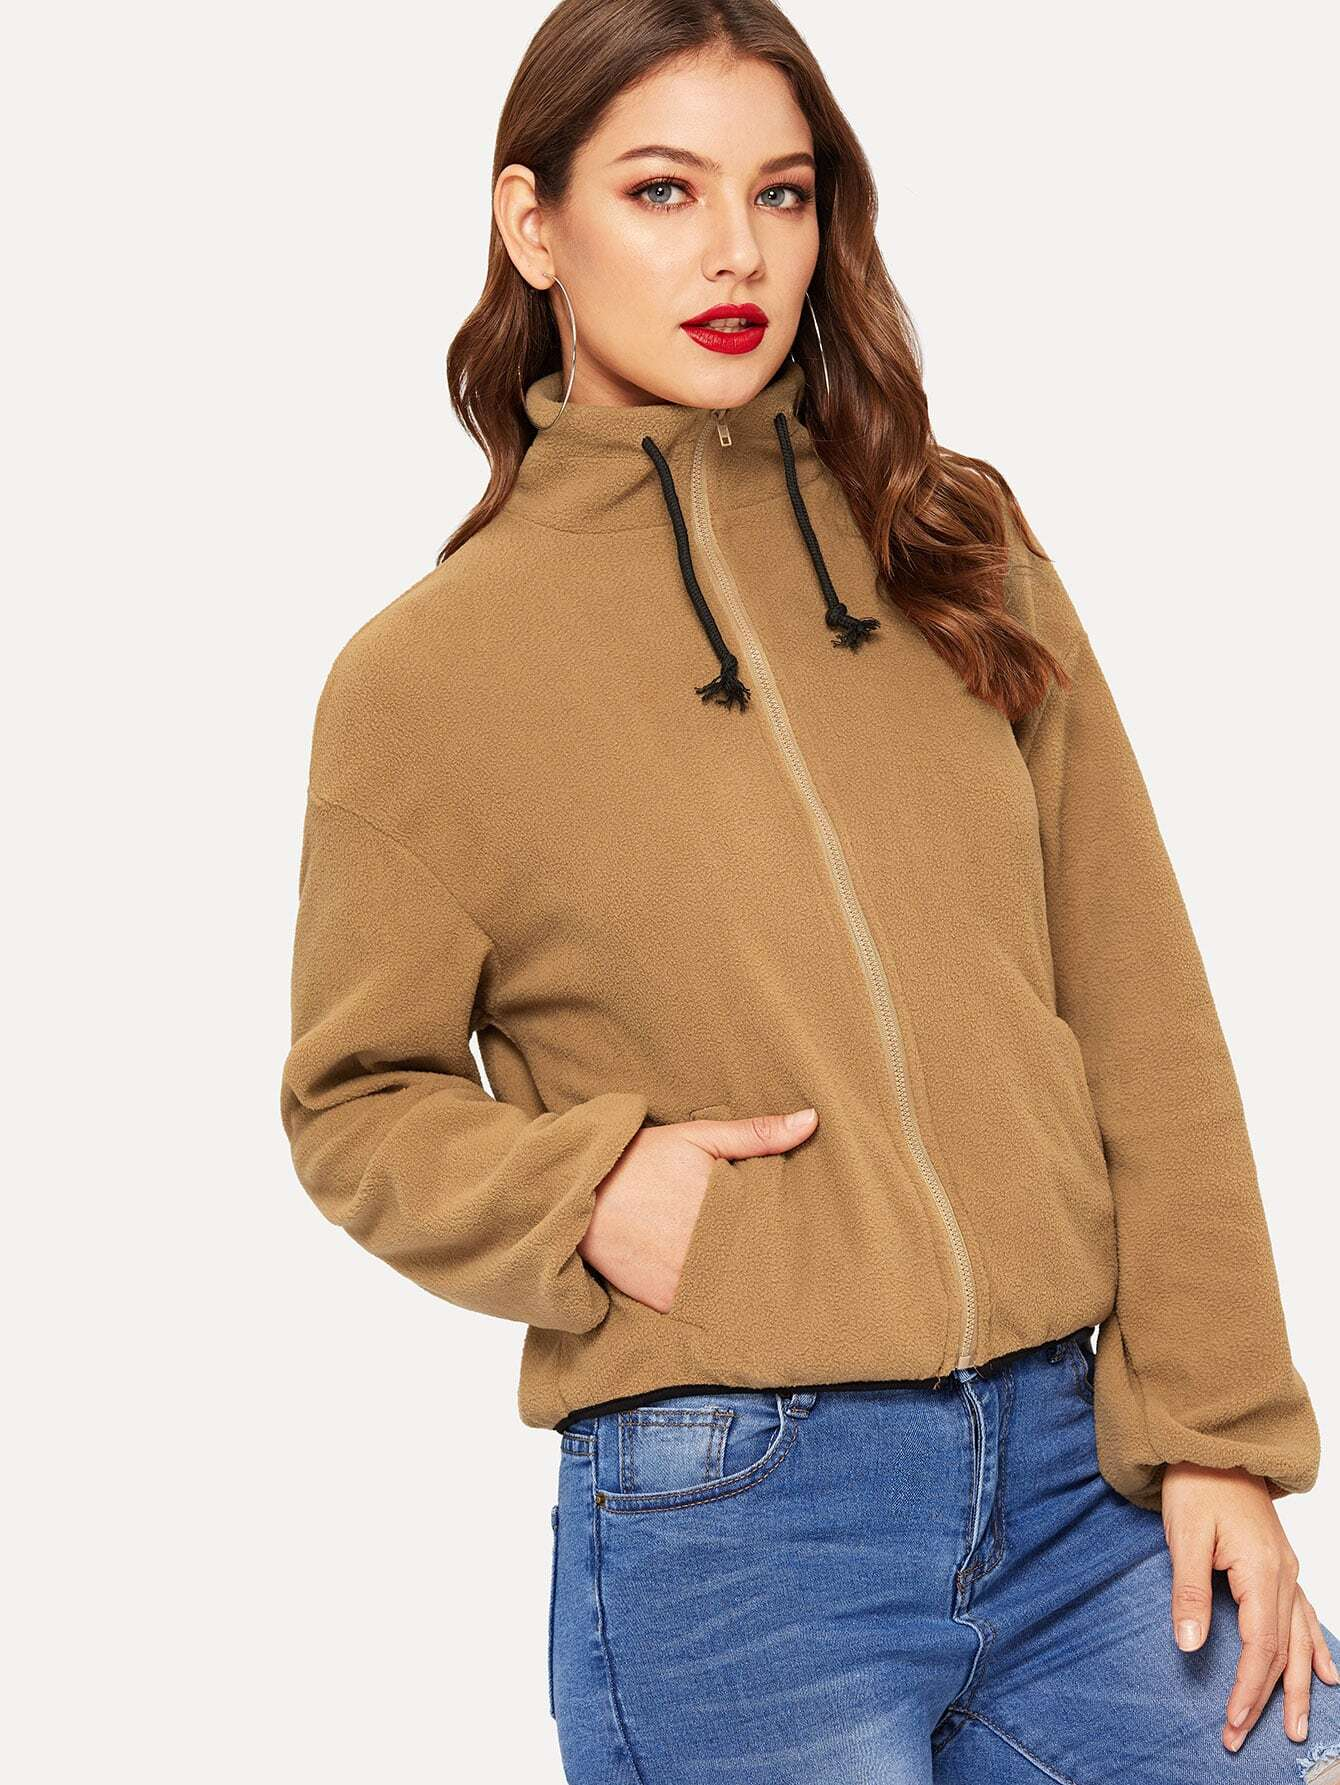 Купить Пушистая куртка на молнии с кулиской, Debi Cruz, SheIn